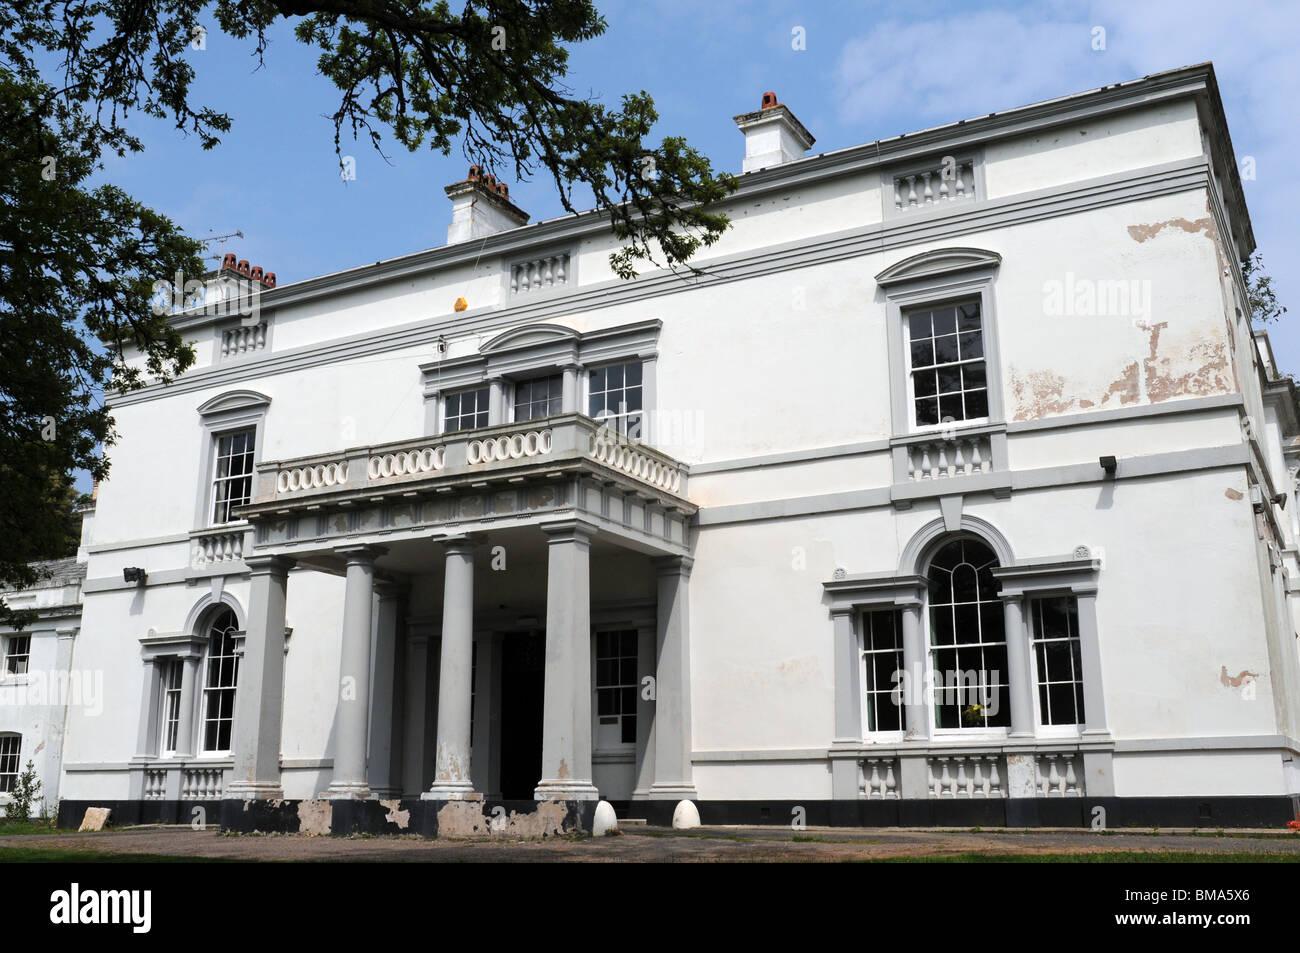 Lupton House war das Land Herrenhaus von Lord Churston. Im Jahr 1990 wurde es ein Internat, Gramercy Hall School, Stockbild